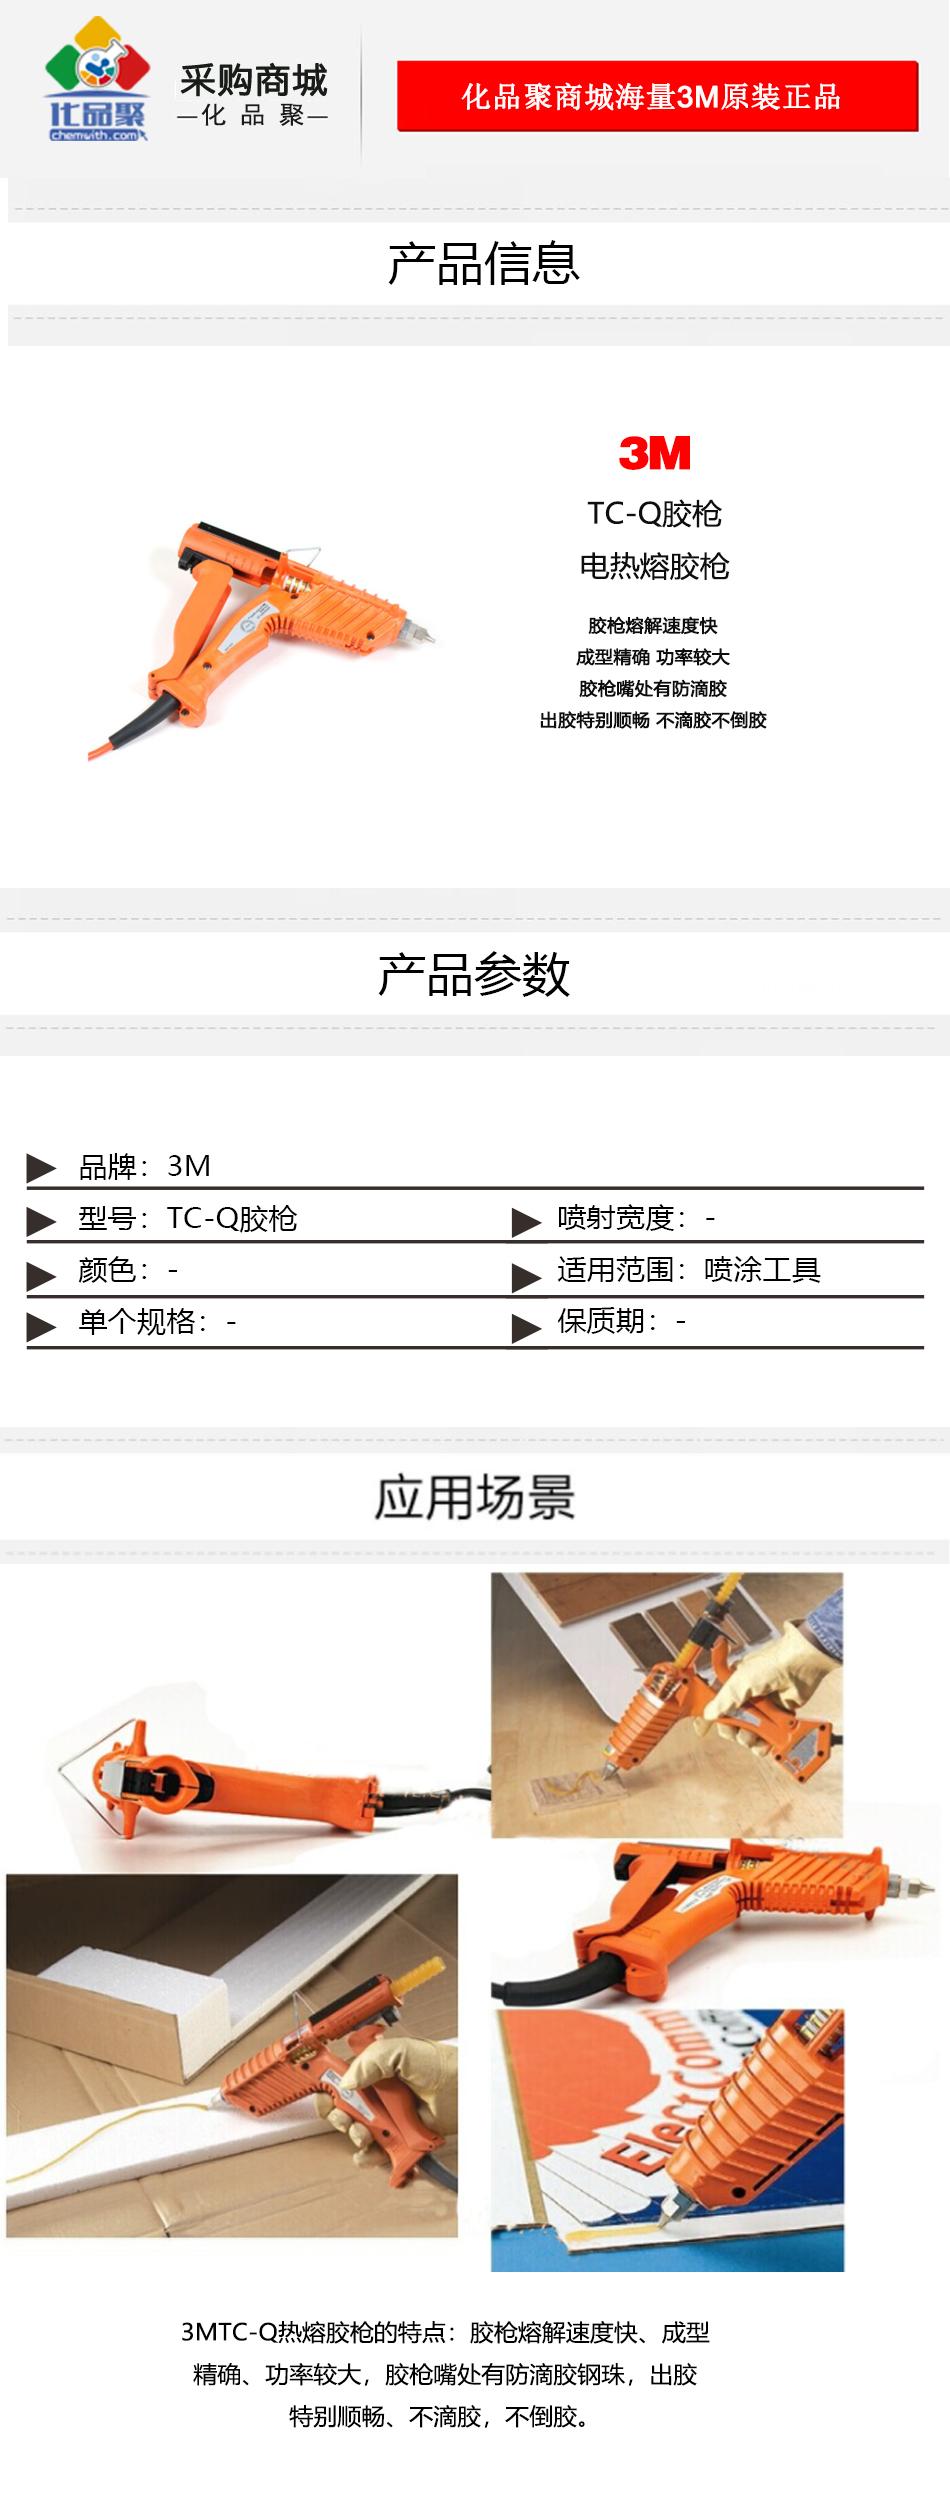 TC-Q胶枪详情页